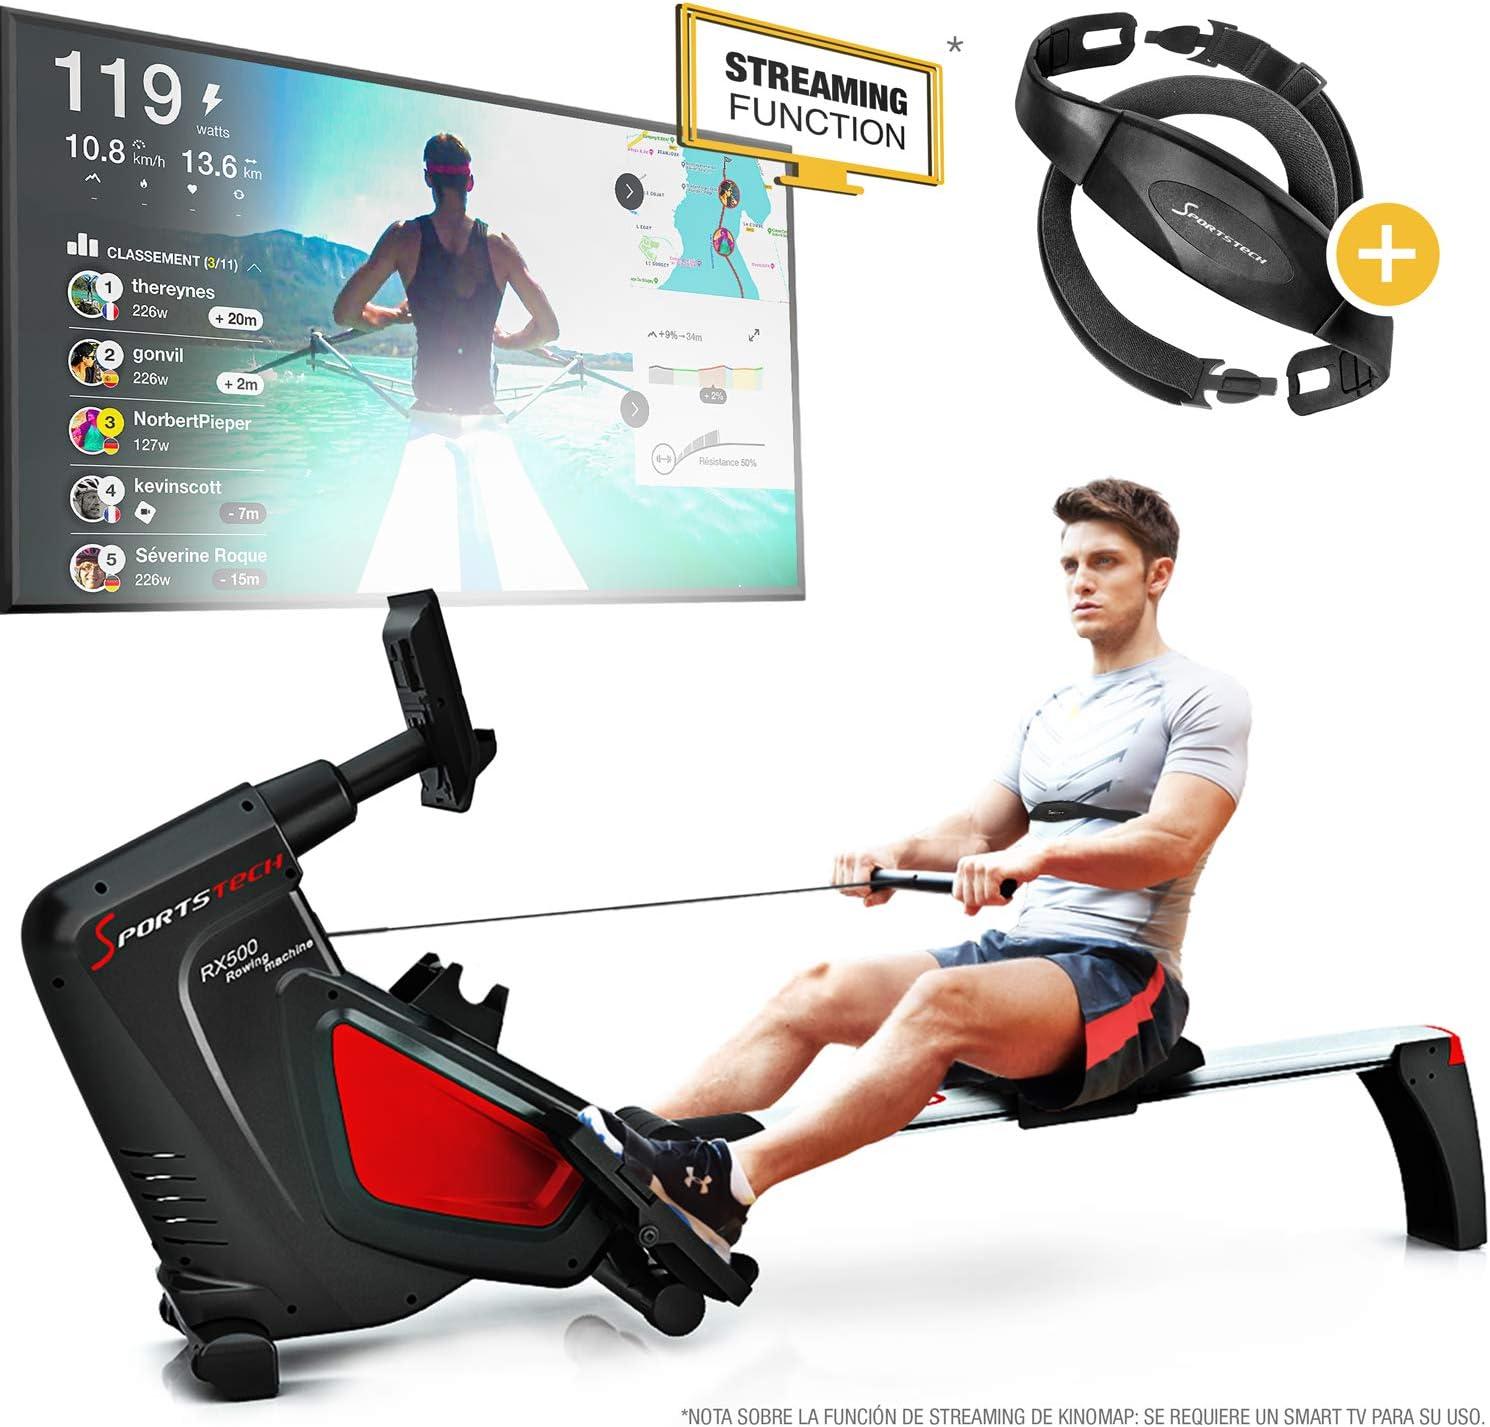 Sportstech RSX500 Máquina de Remo - Marca de Calidad Alemana - Eventos en Directo y App multijugador - Incl. pulsómetro (Valor: 39,90) 16 programas, Resistencia magnética, Modo co